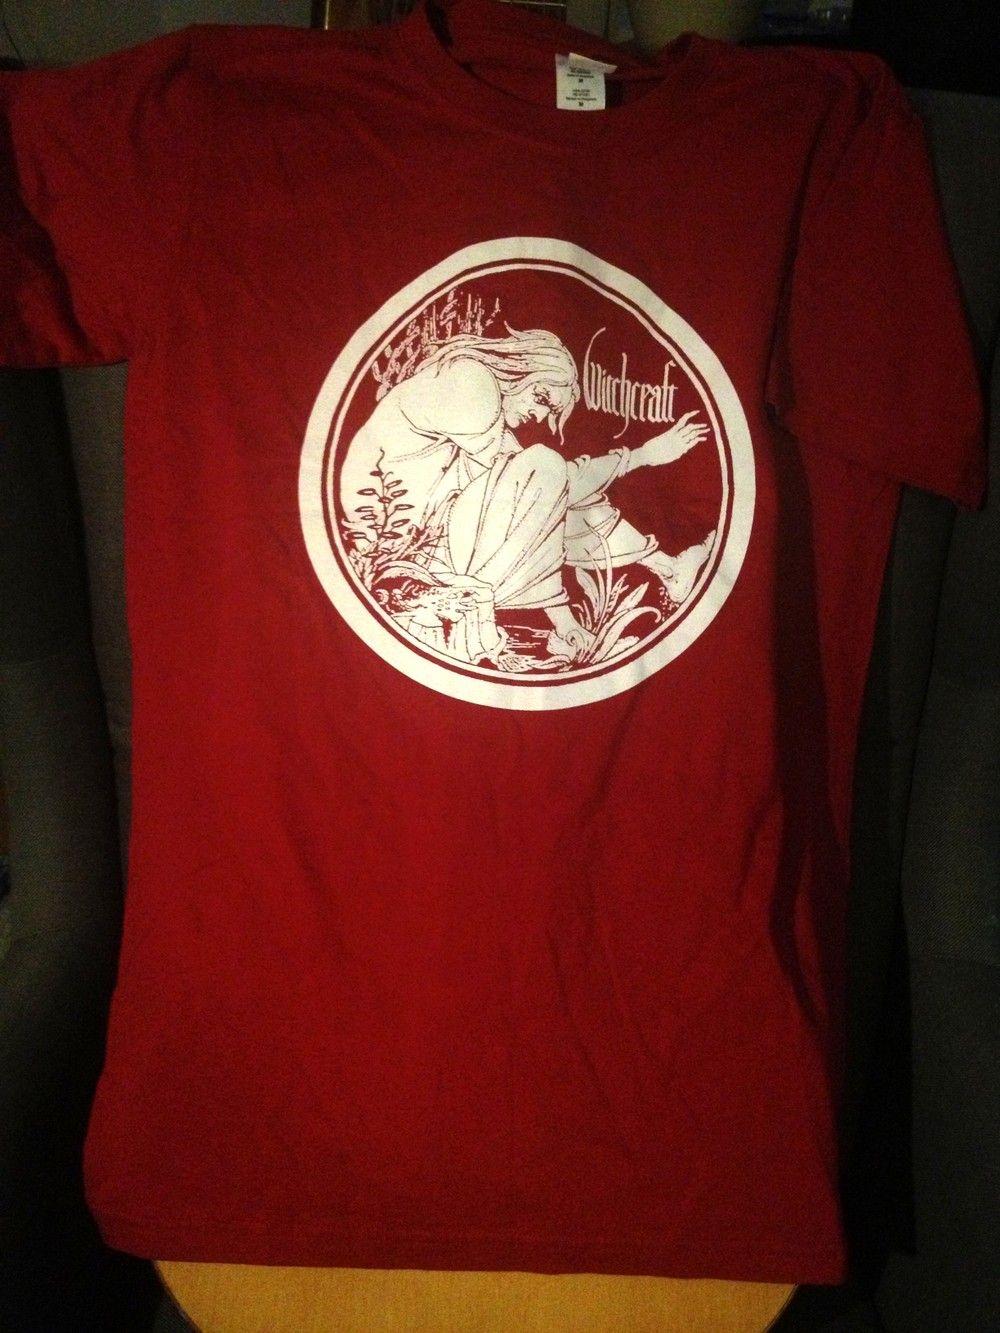 No Maniac  pero Maniac ( camisetas ) - Página 2 8932589800a8ca4e36282f5b7b8ebdf5